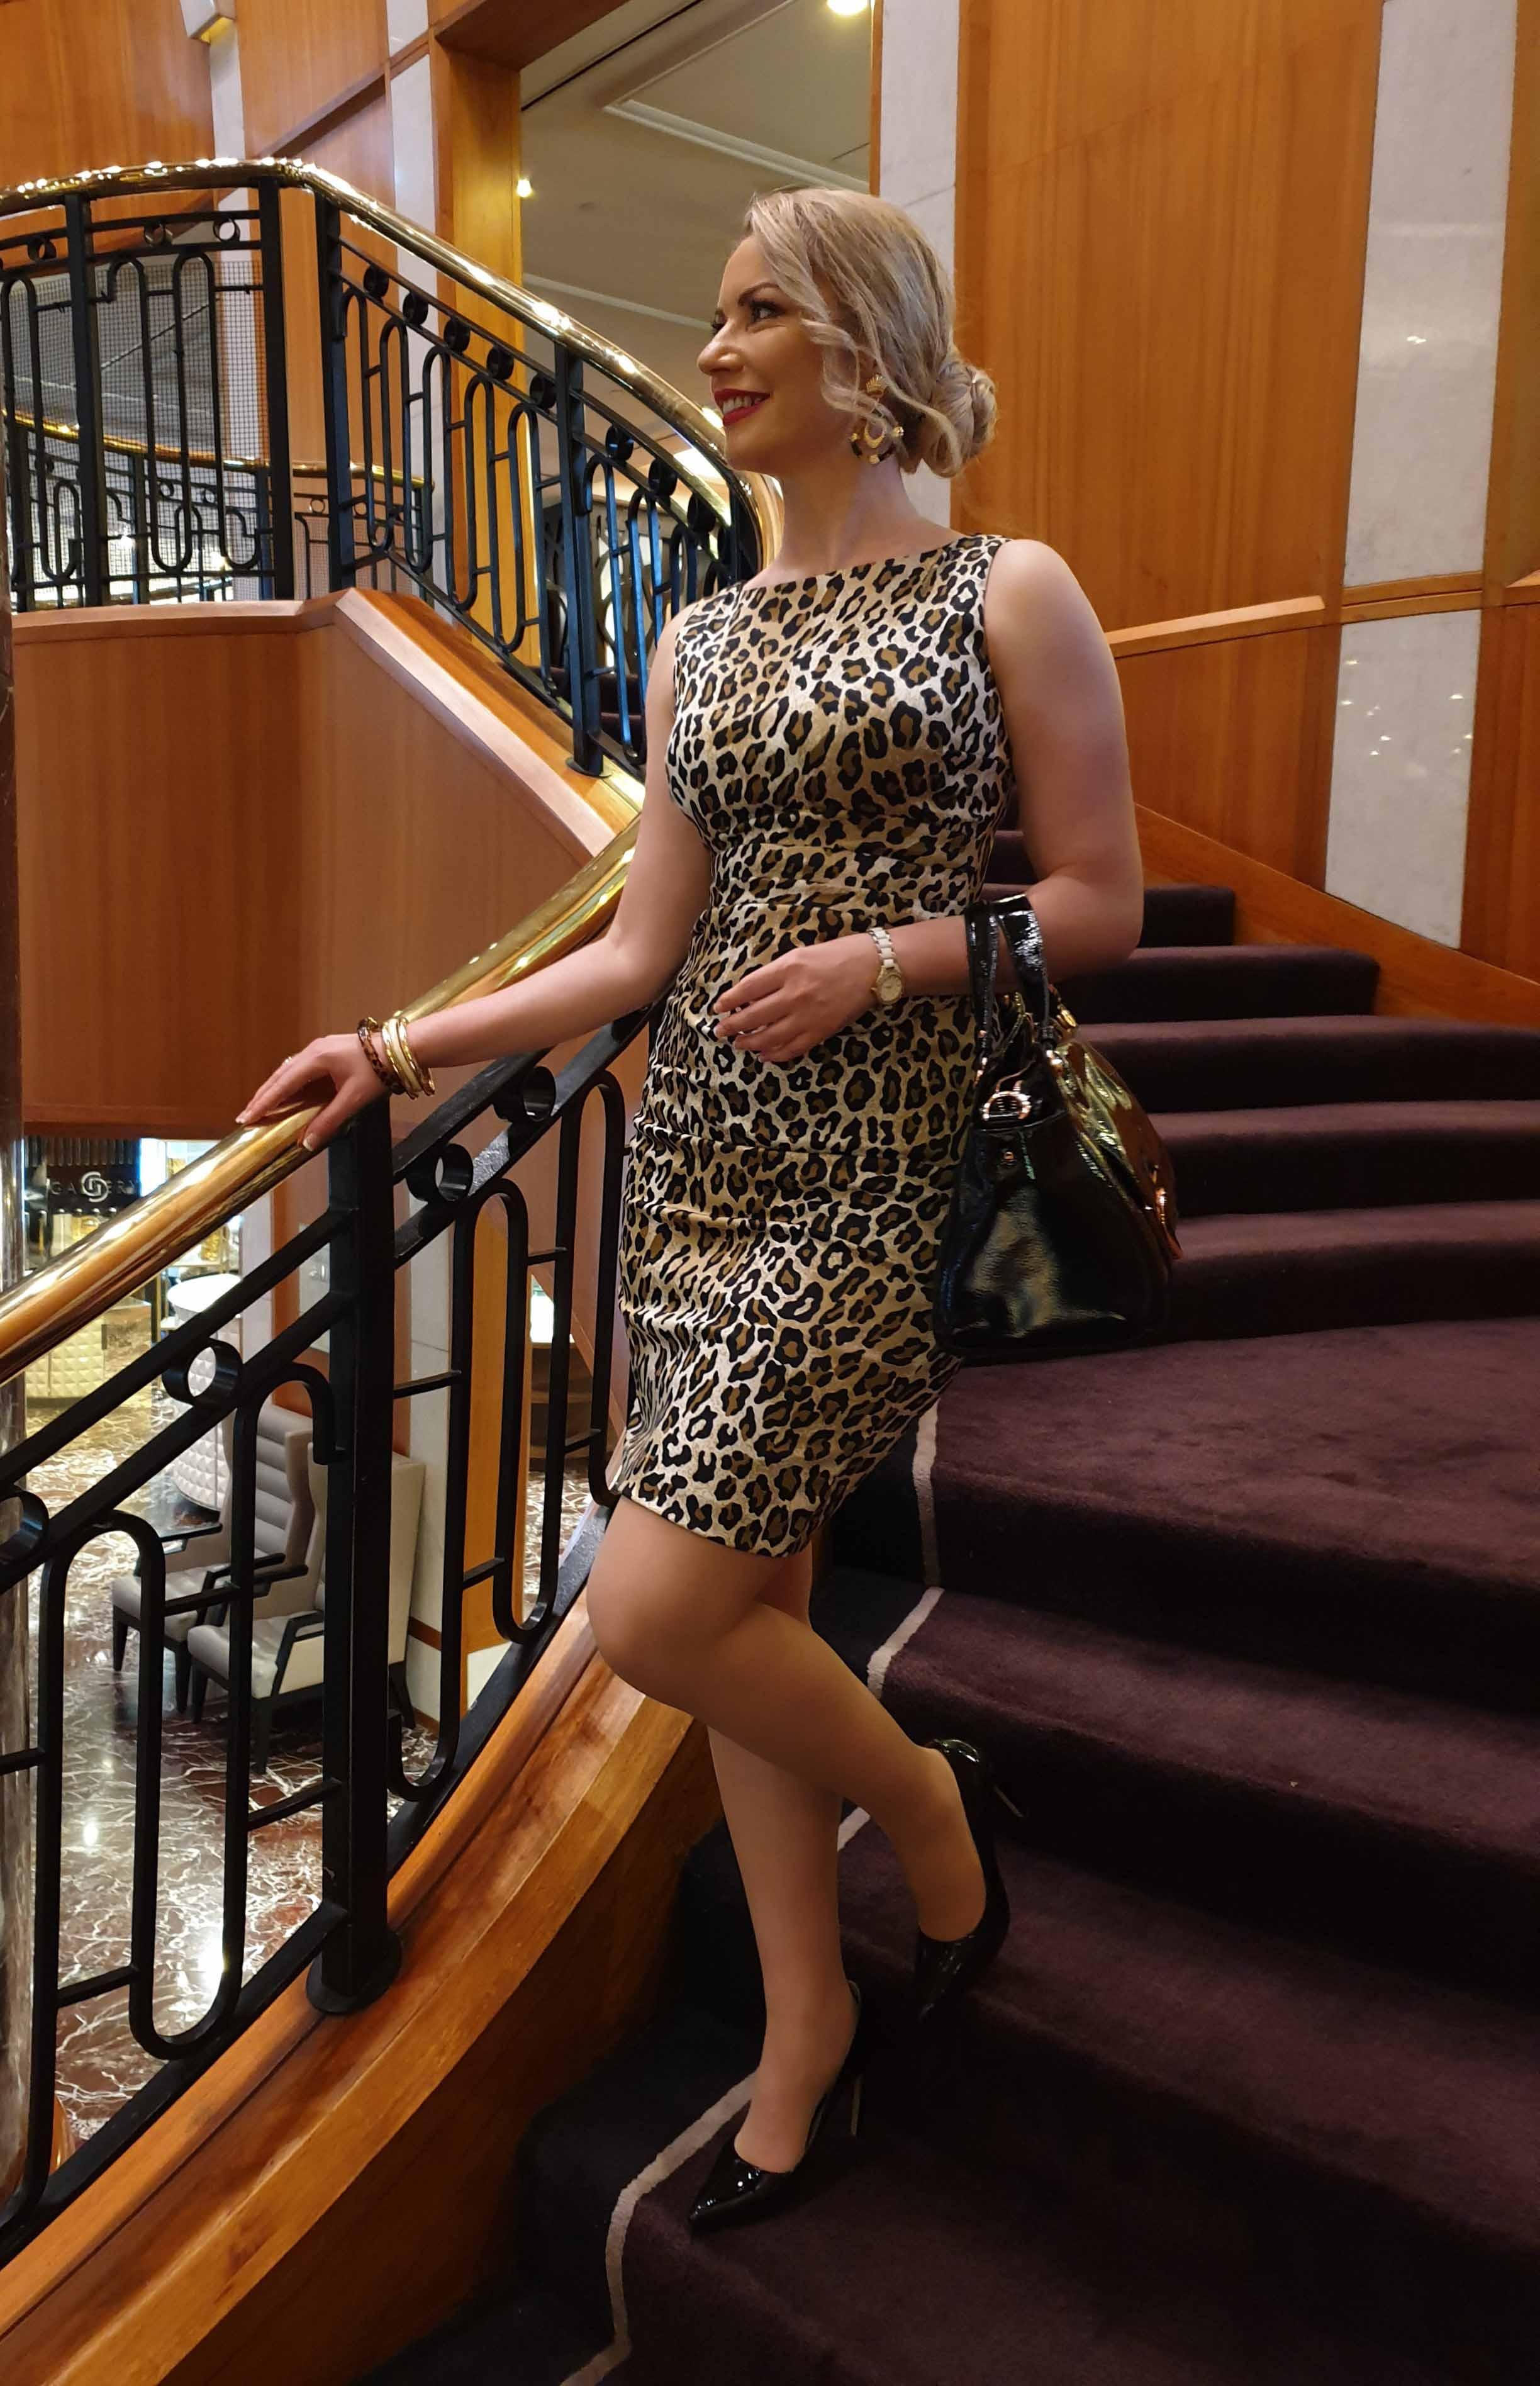 On my way in leopard  print dress...